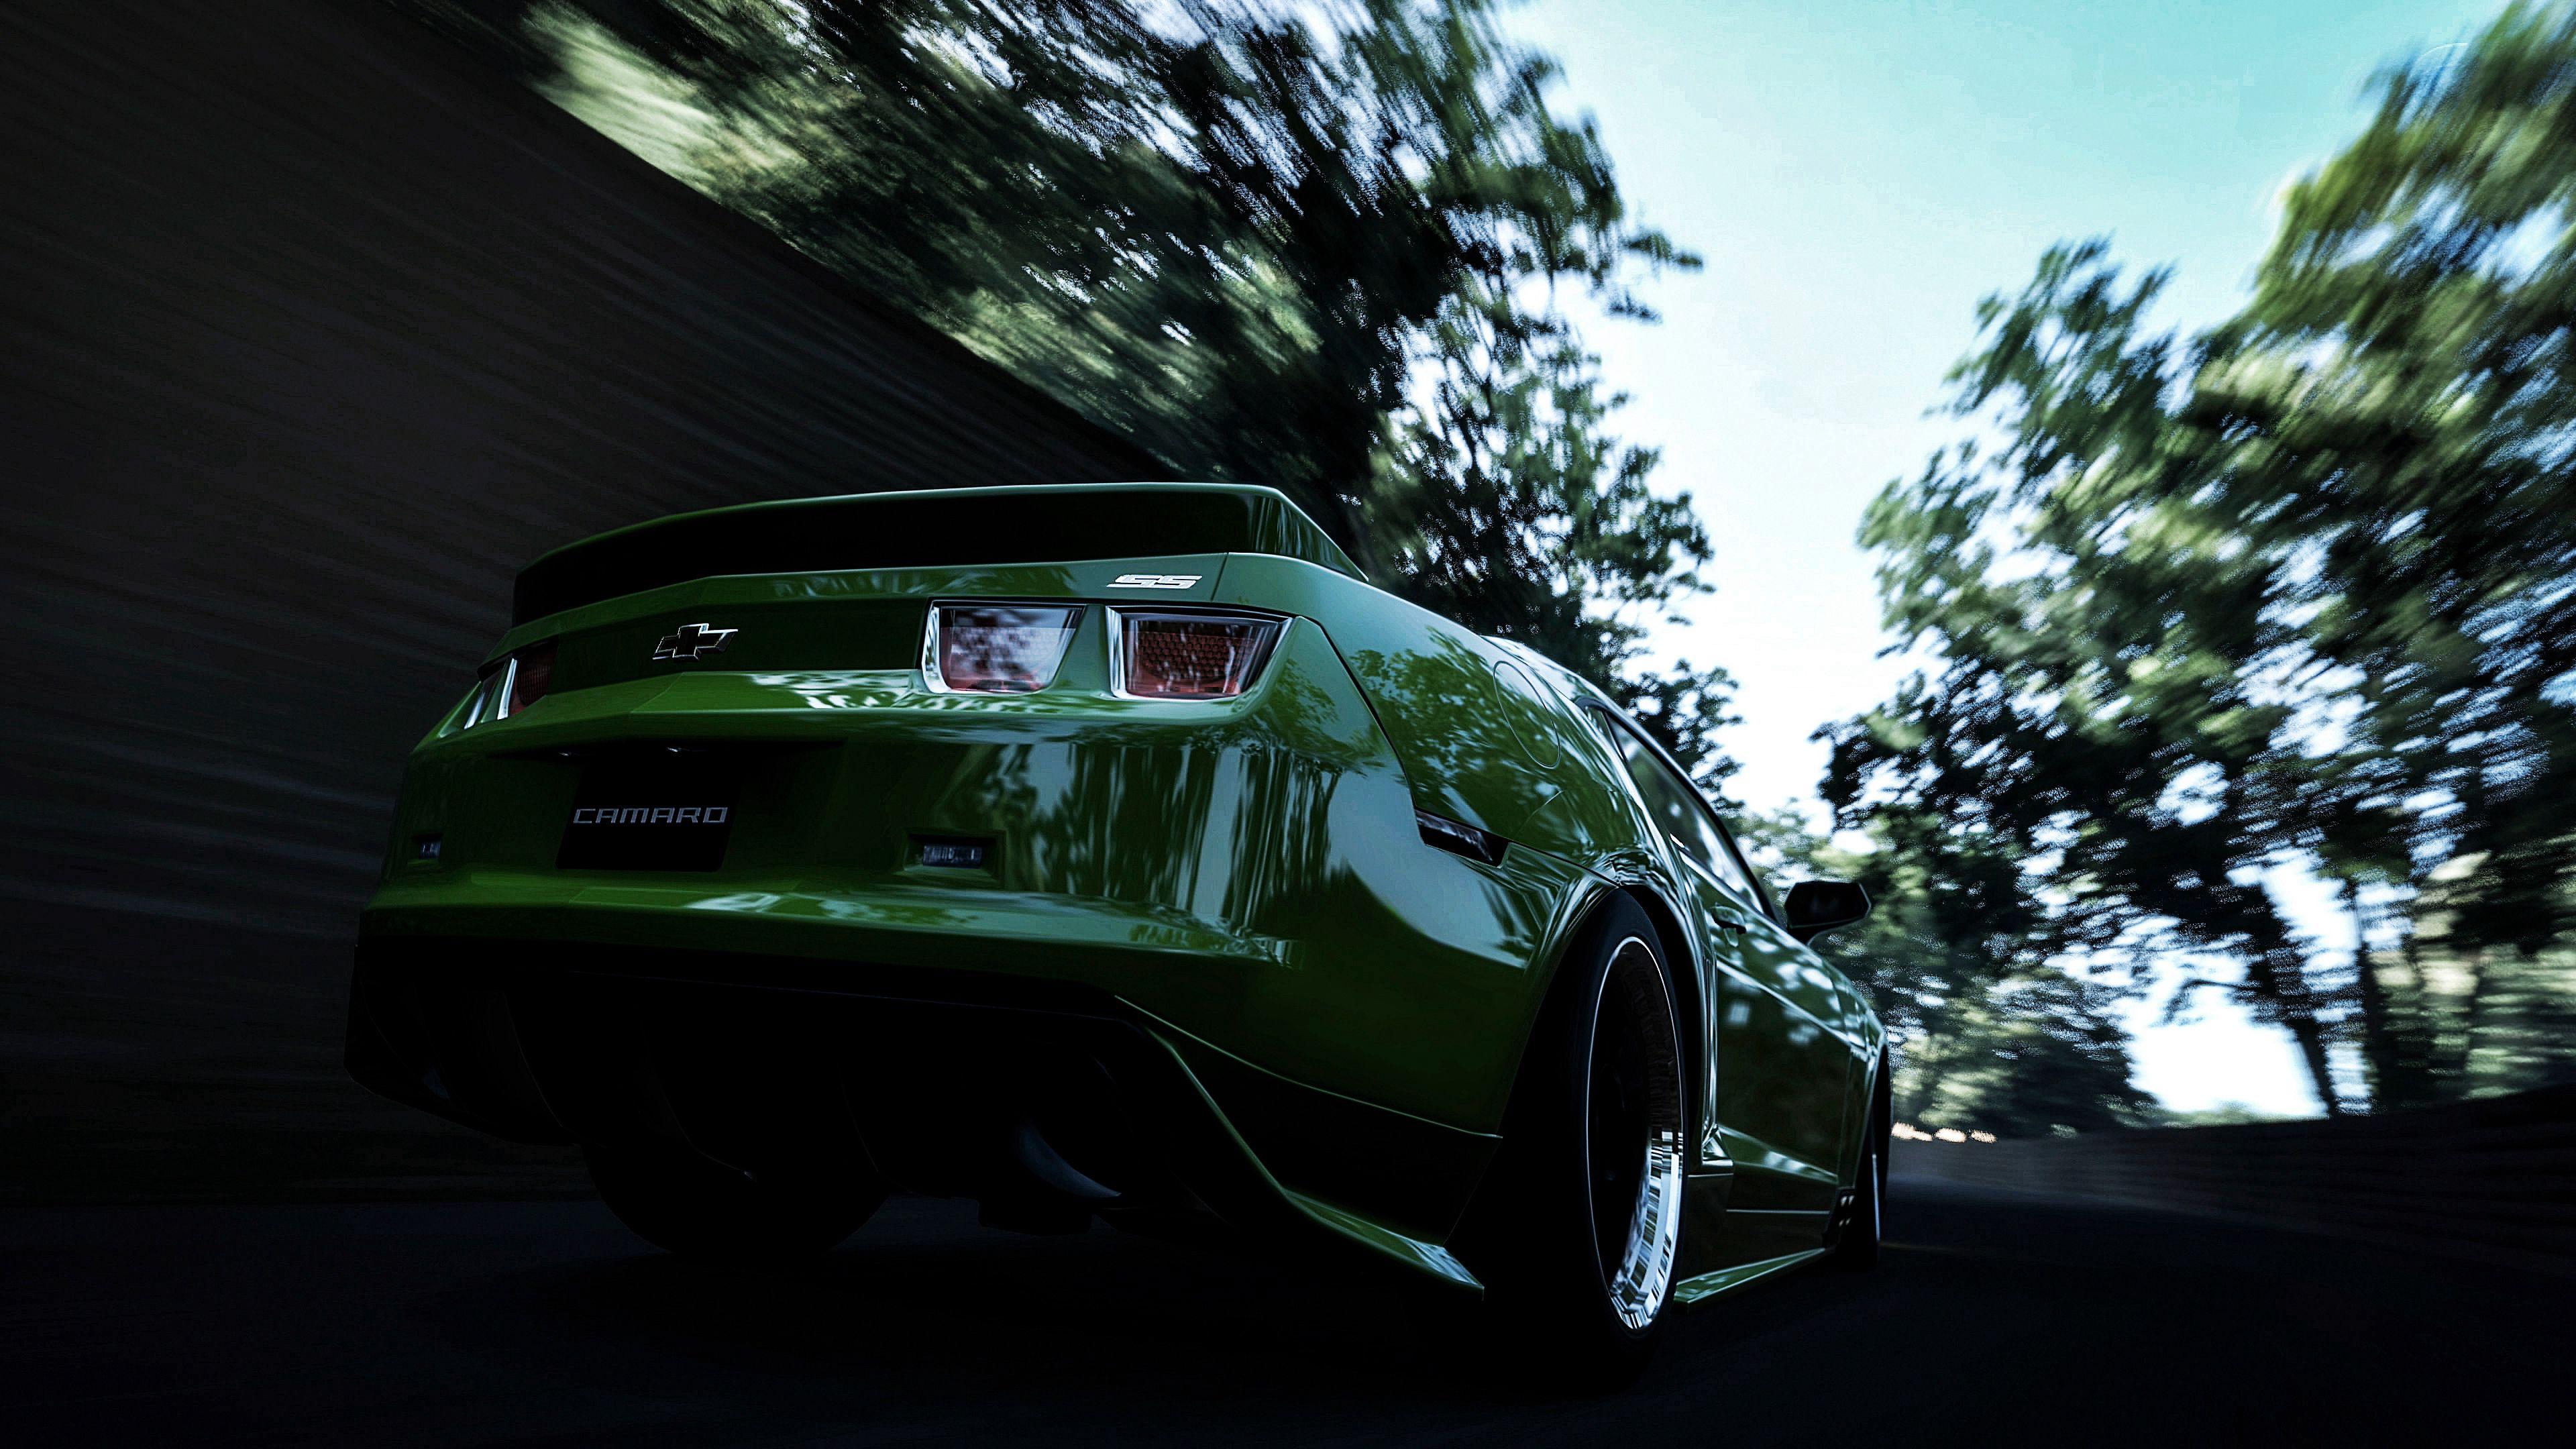 124033 скачать обои Тачки (Cars), Шевроле (Chevrolet), Camaro, Зеленый, Задний Бампер, Скорость, Размытие - заставки и картинки бесплатно